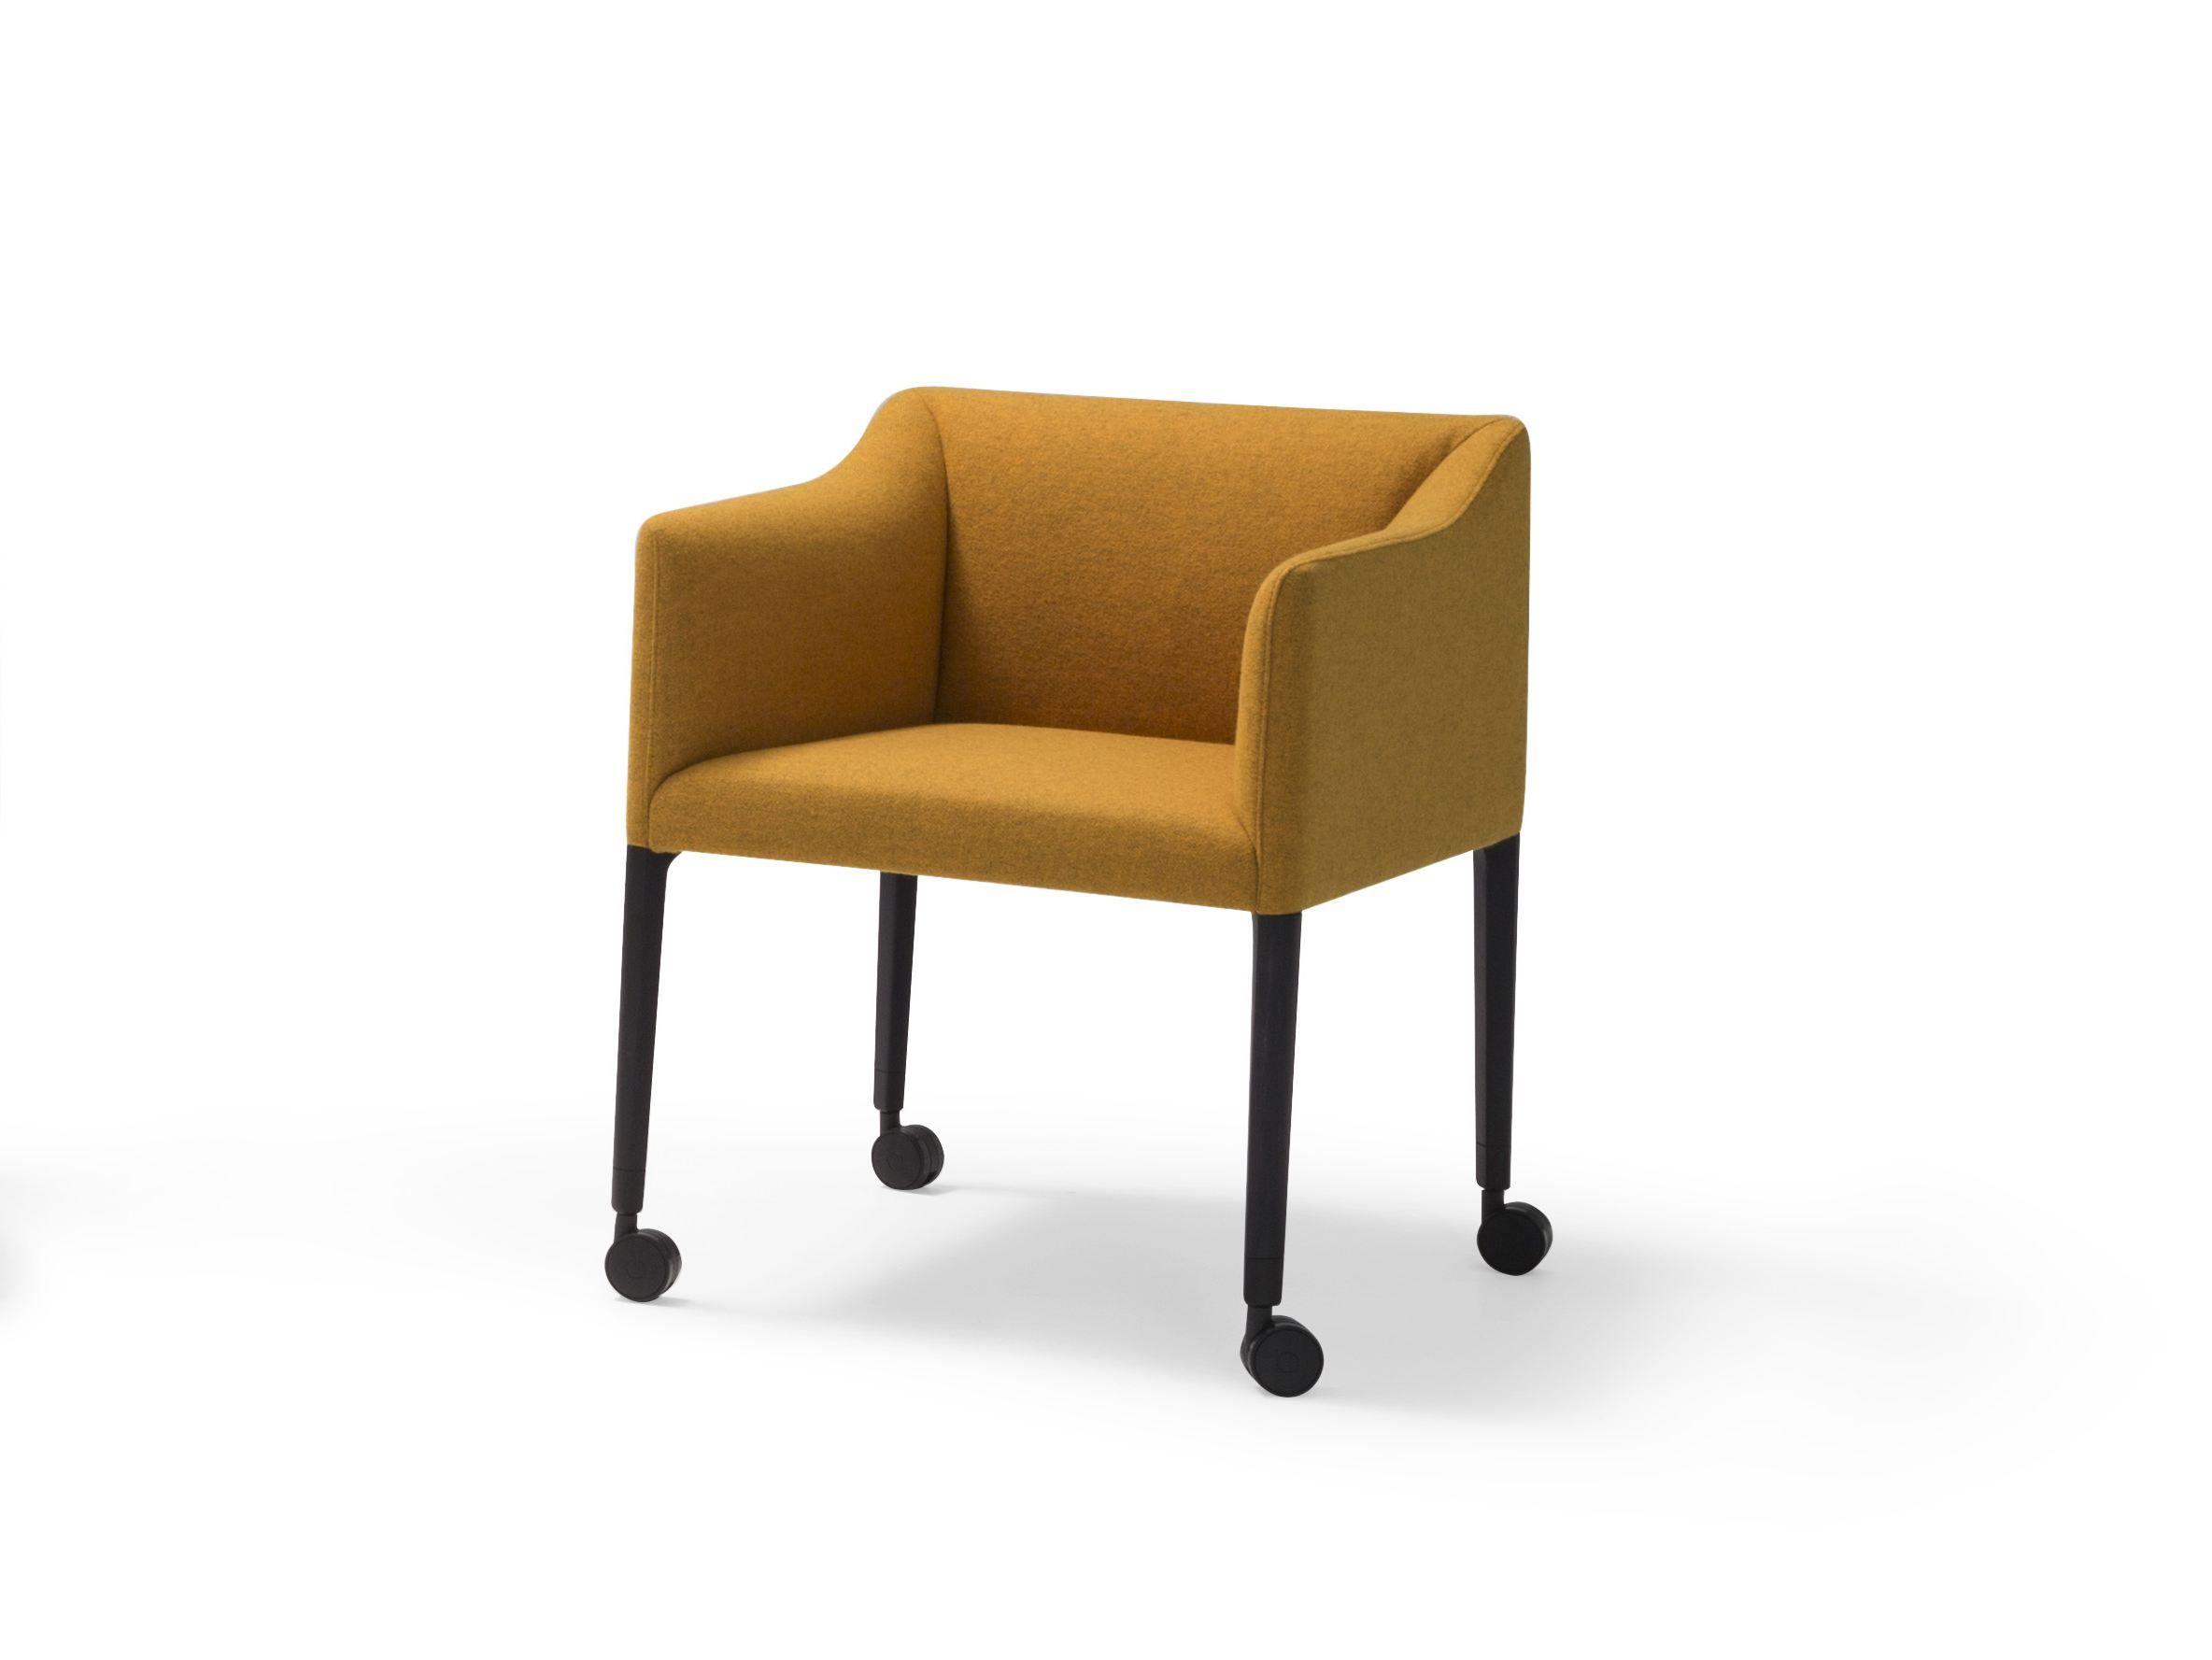 CouvÉ sedia con ruote collezione couvé by andreu world design